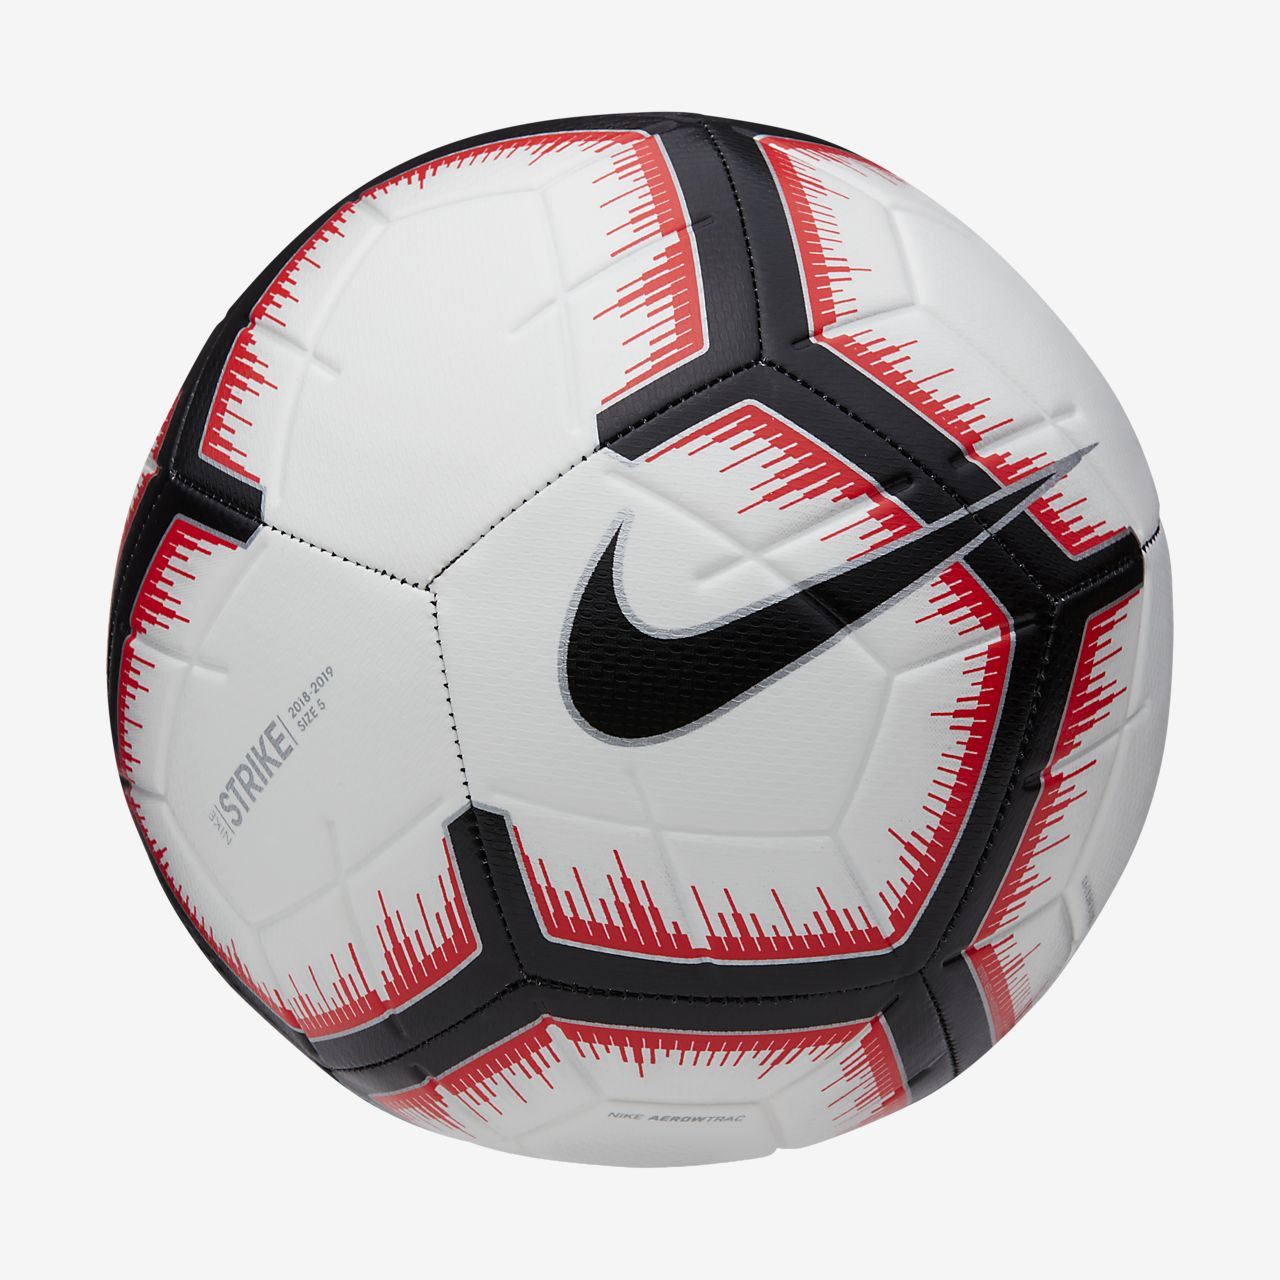 Balón Balón Nike Strike Strike Nike Fútbol De vYfb7gy6